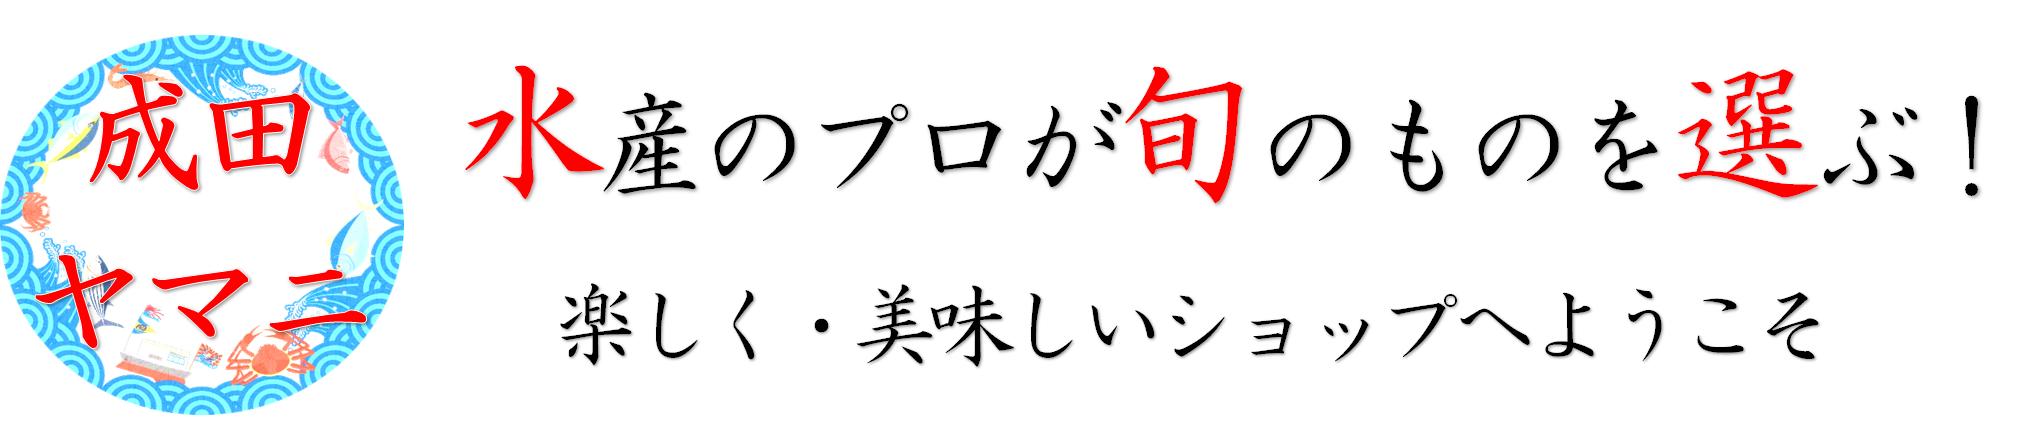 成田ヤマニオンライン